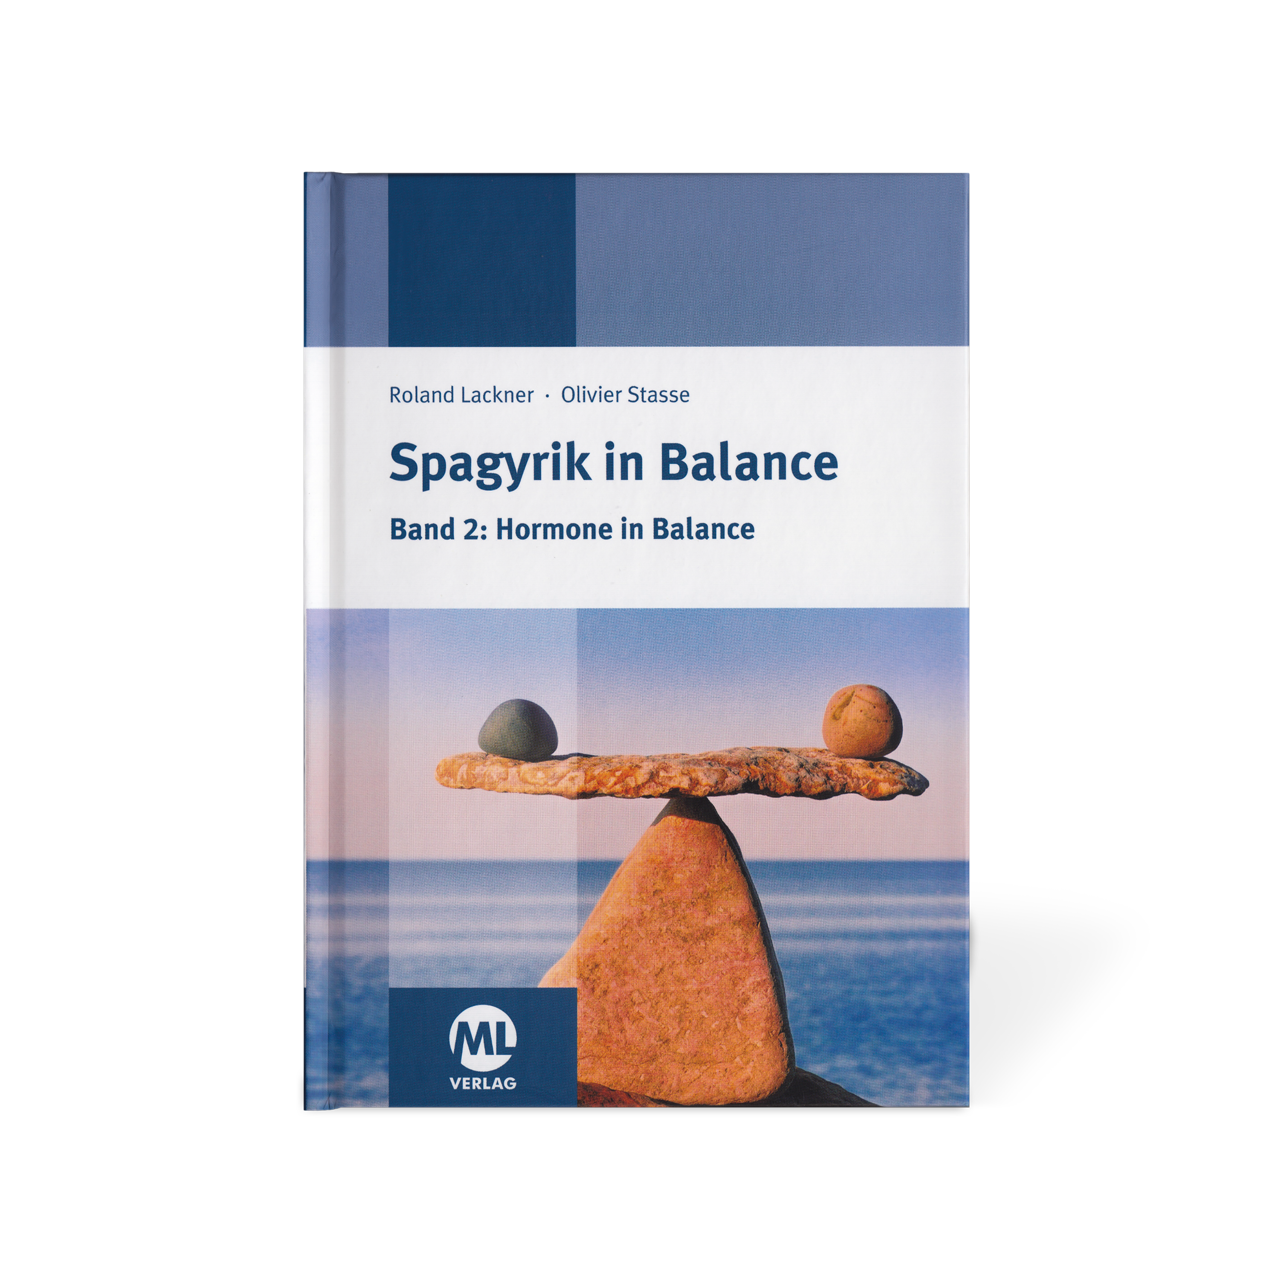 Spagyrik in Balance - Band 2